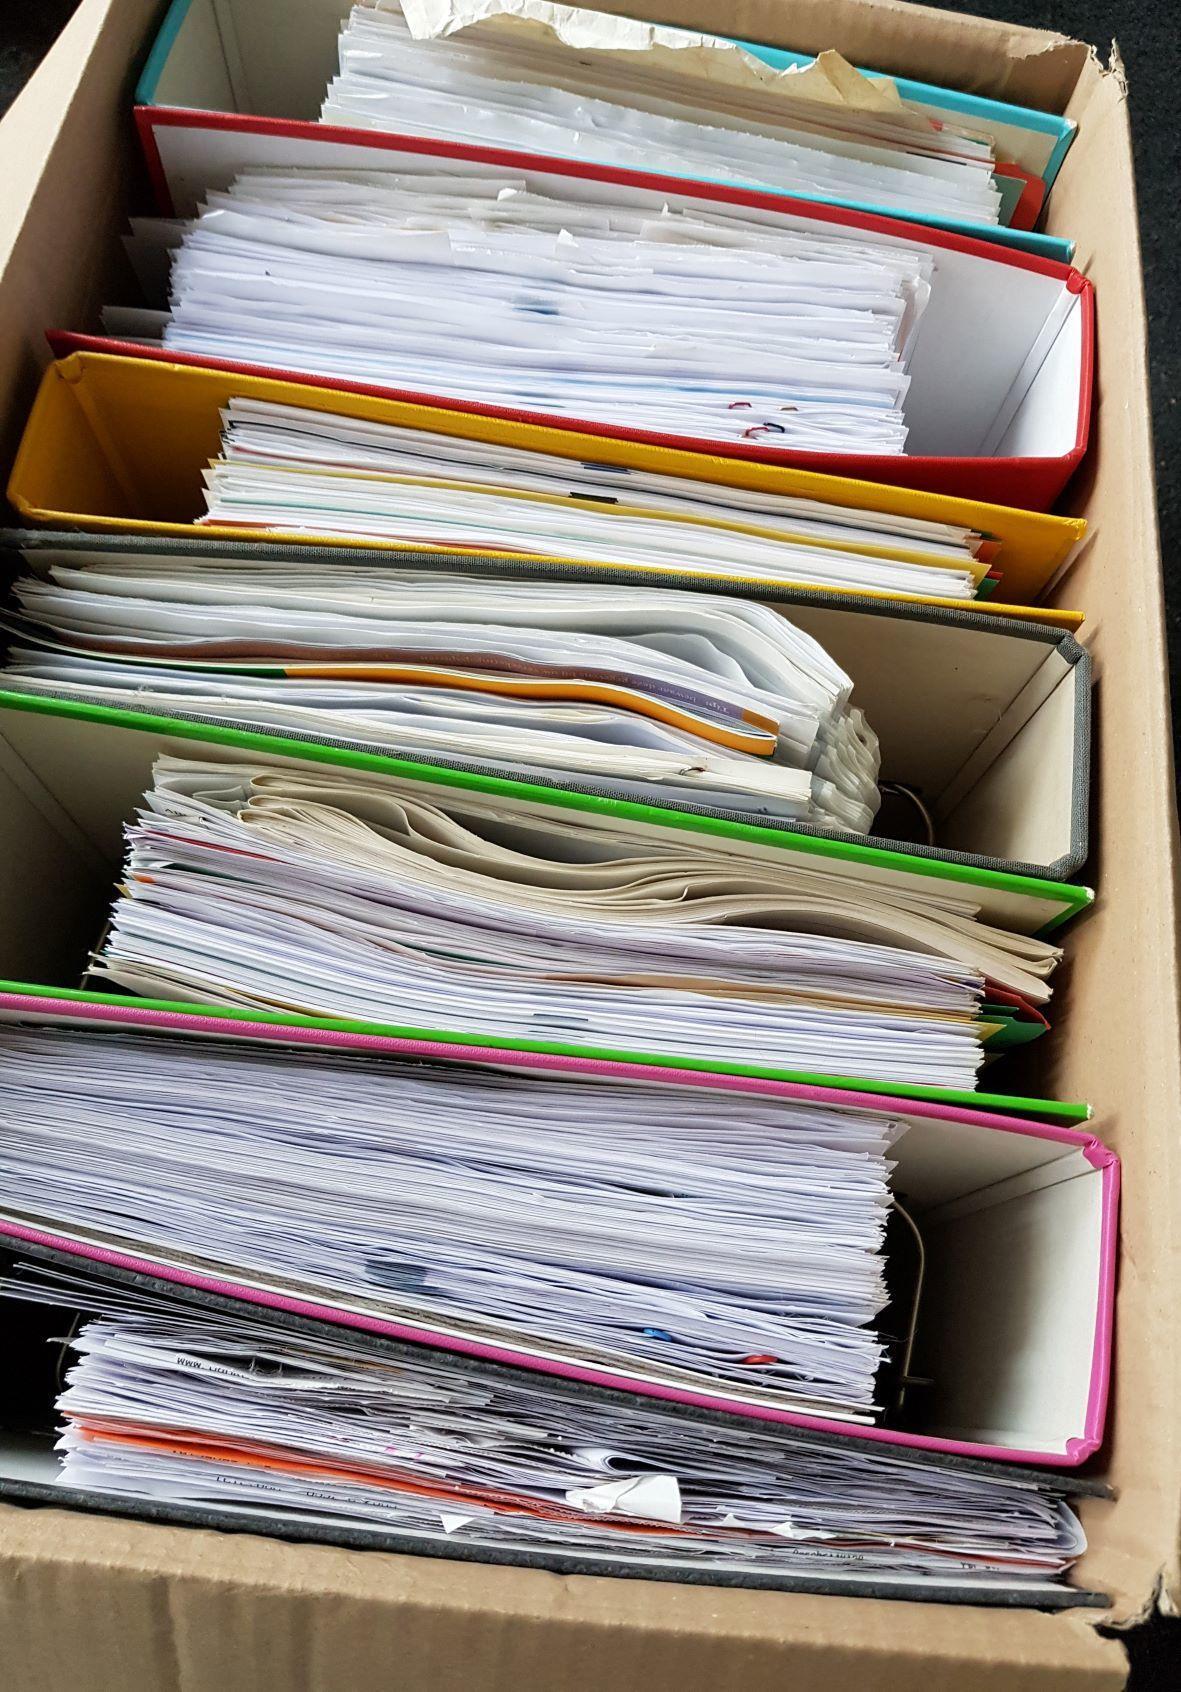 Papieren administratie